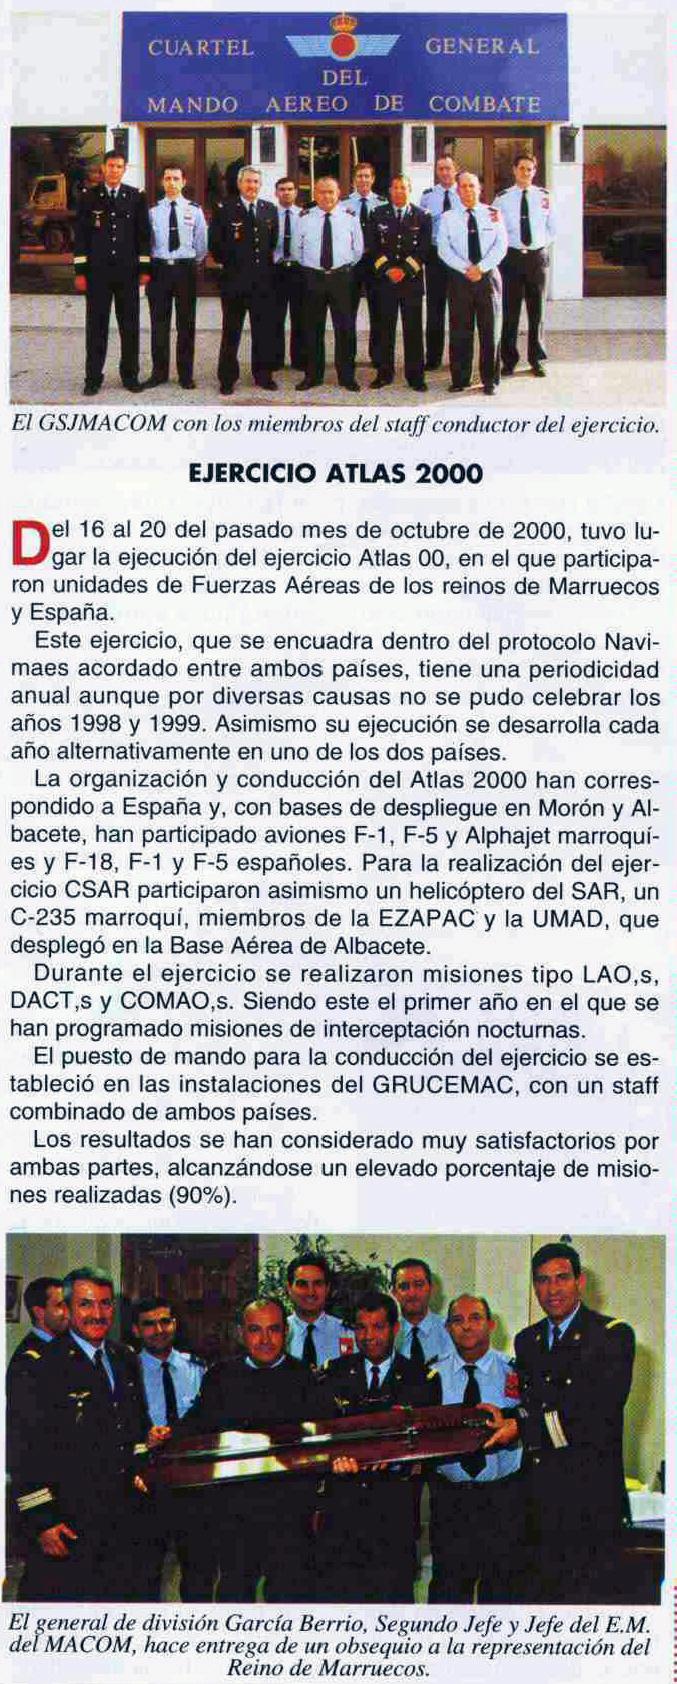 Exercice Atlas 2000 Clipbo24